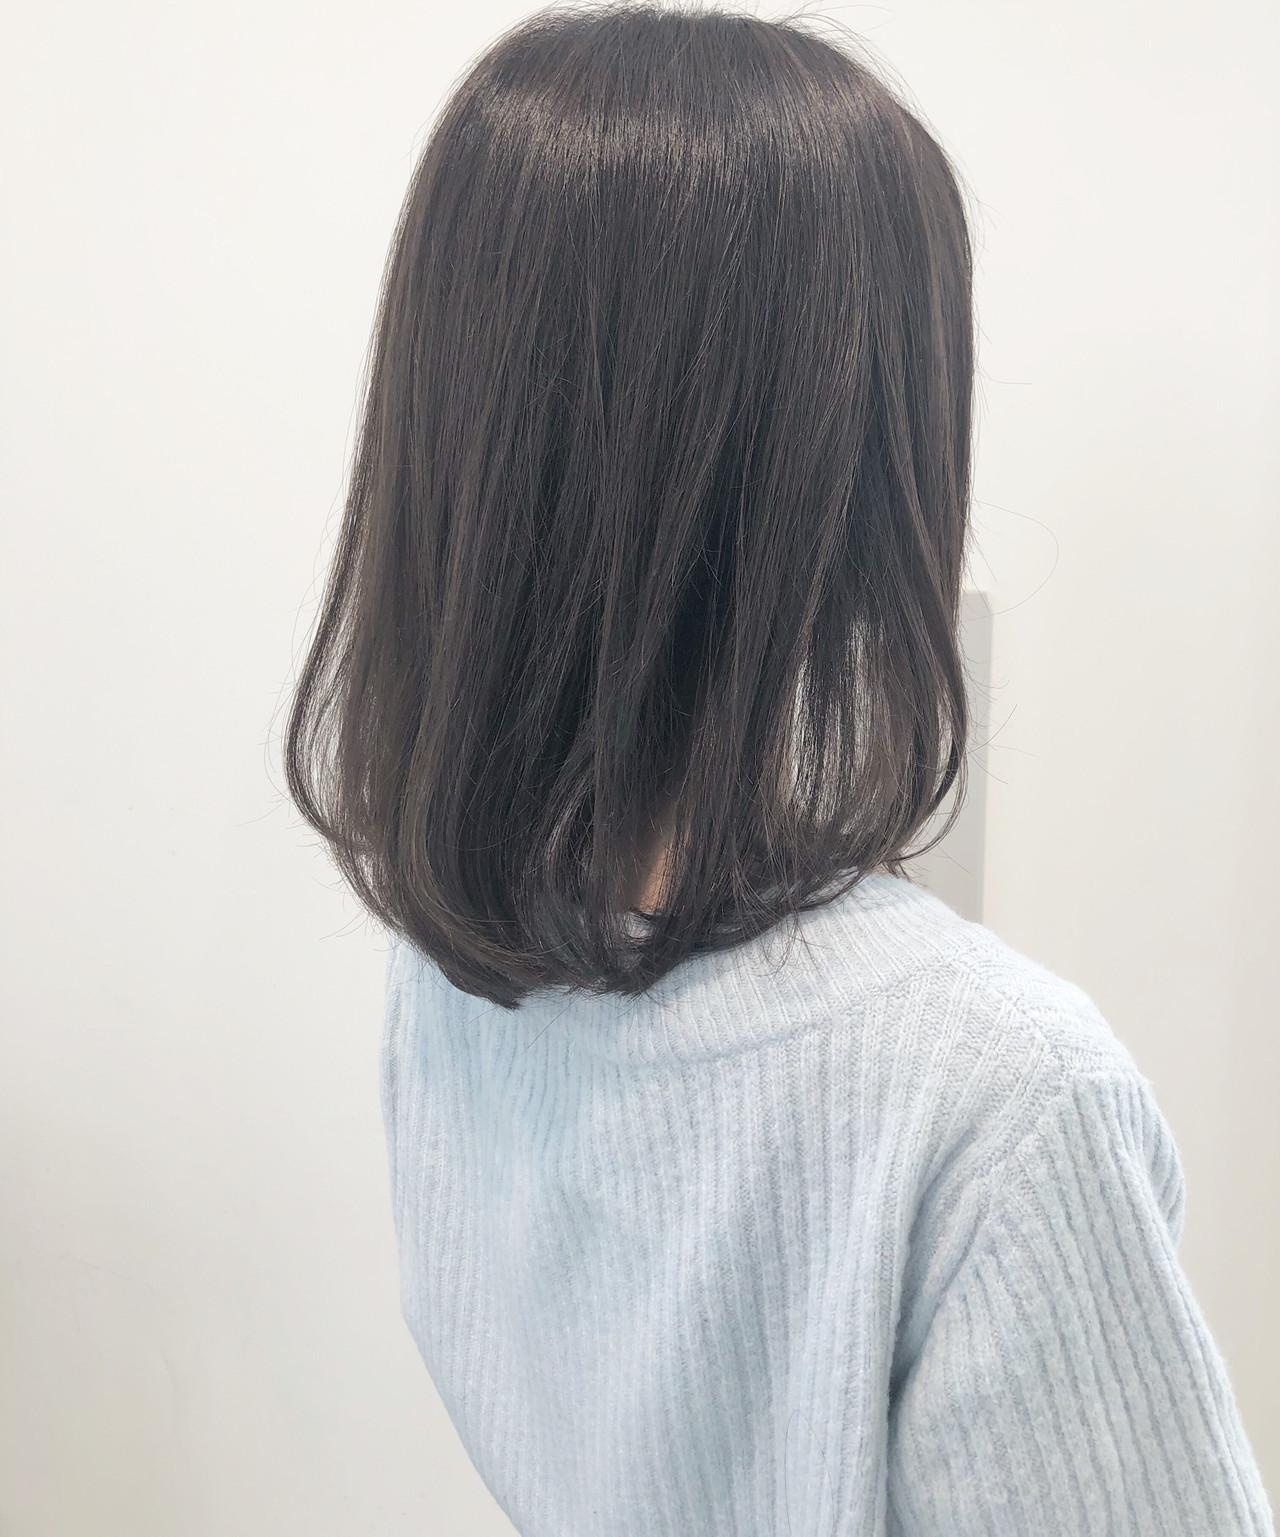 ヘアセット 大人ハイライト フェミニン ミルクティーグレージュ ヘアスタイルや髪型の写真・画像